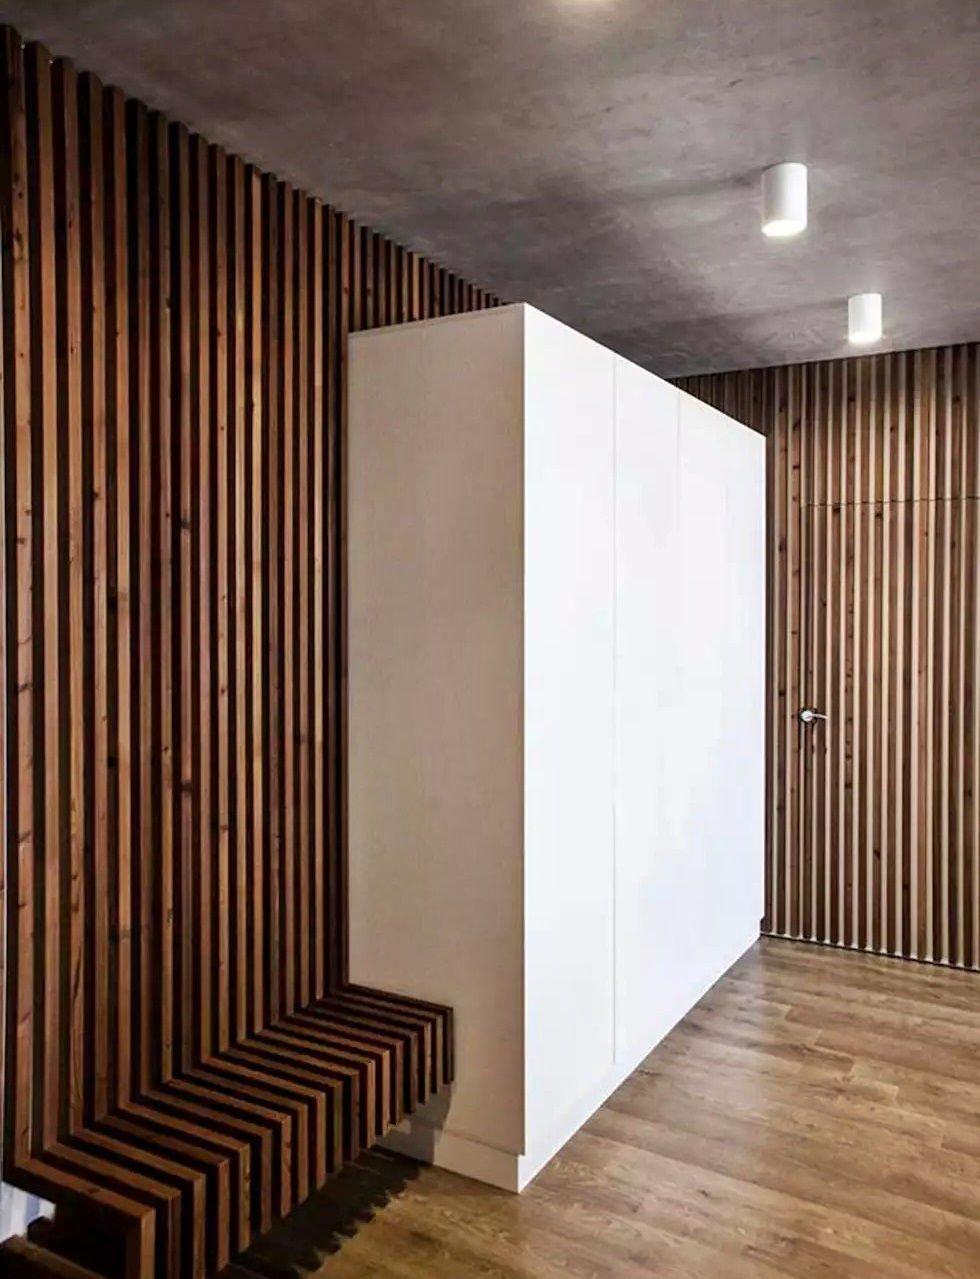 Контио деревянные дома проекты фото различных материалов